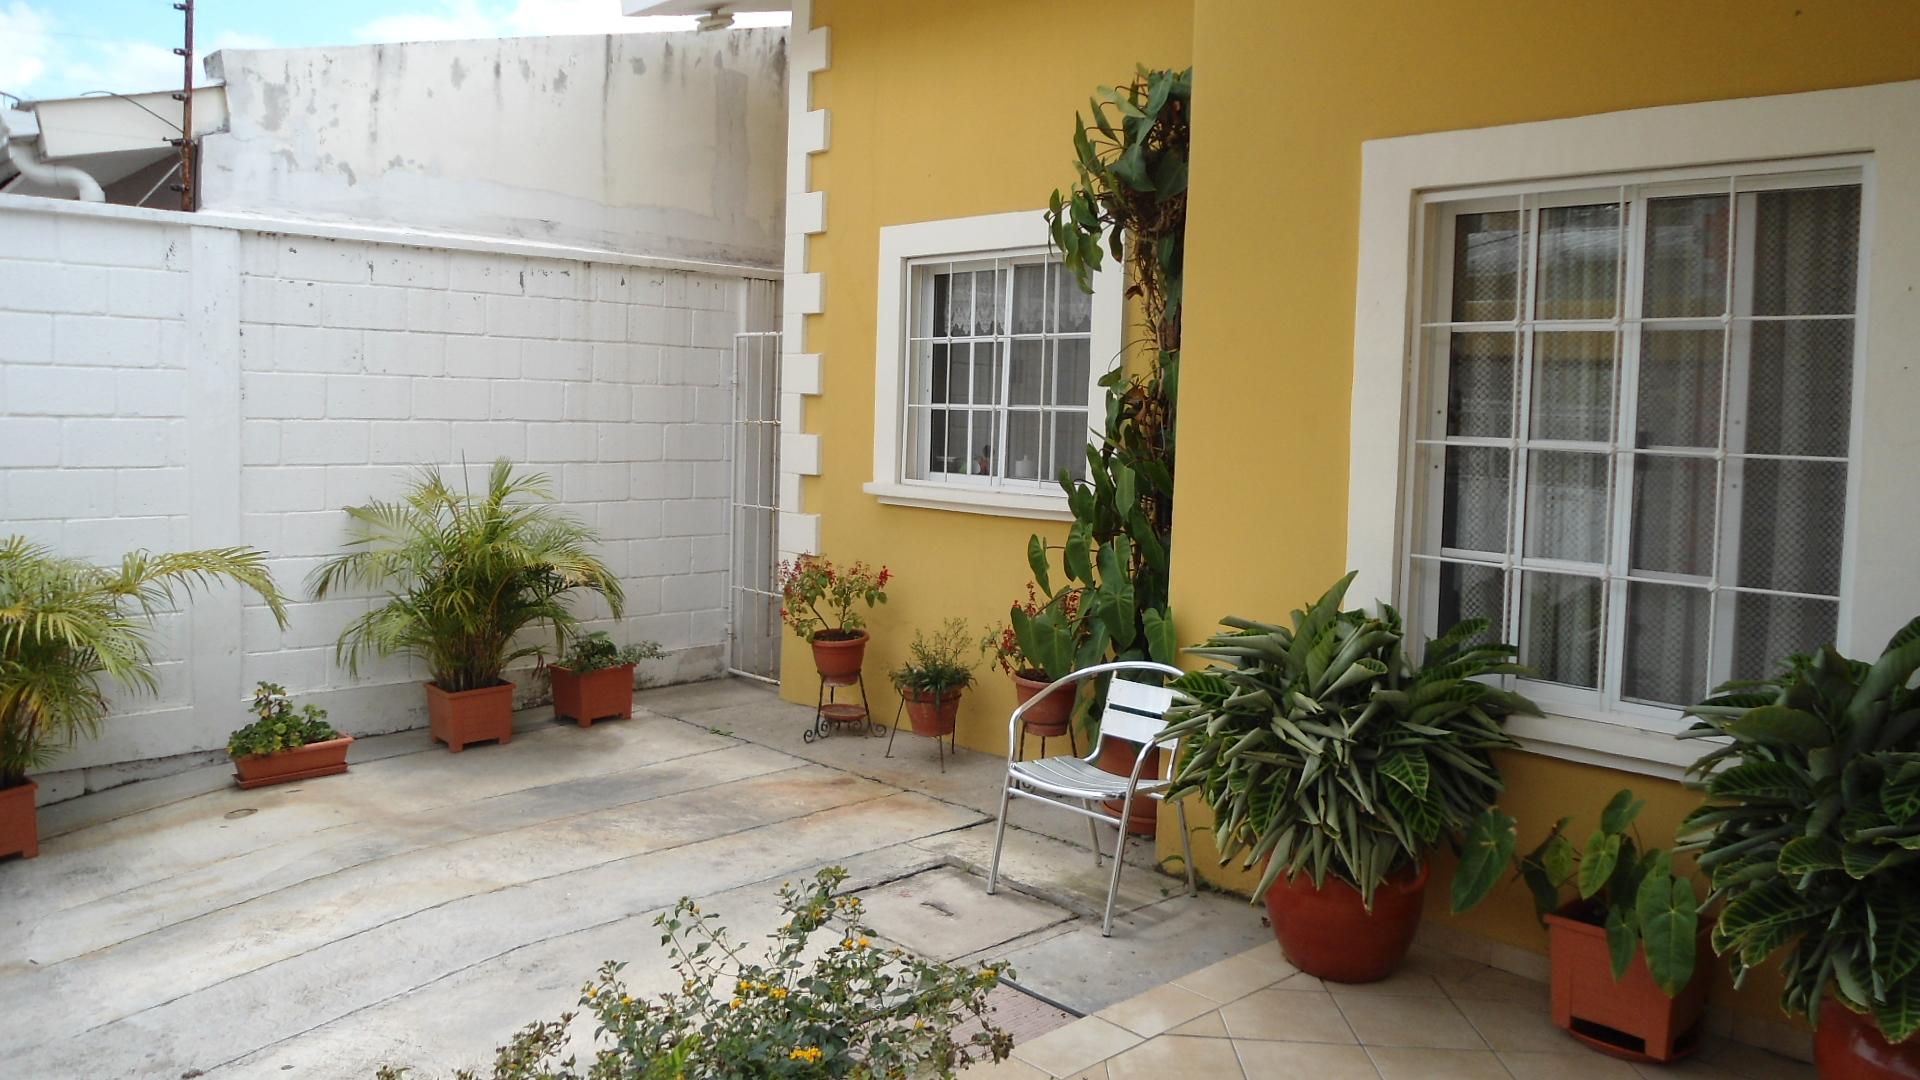 Alquiler de casas en tegucigalpa honduras for Alquiler de propiedades